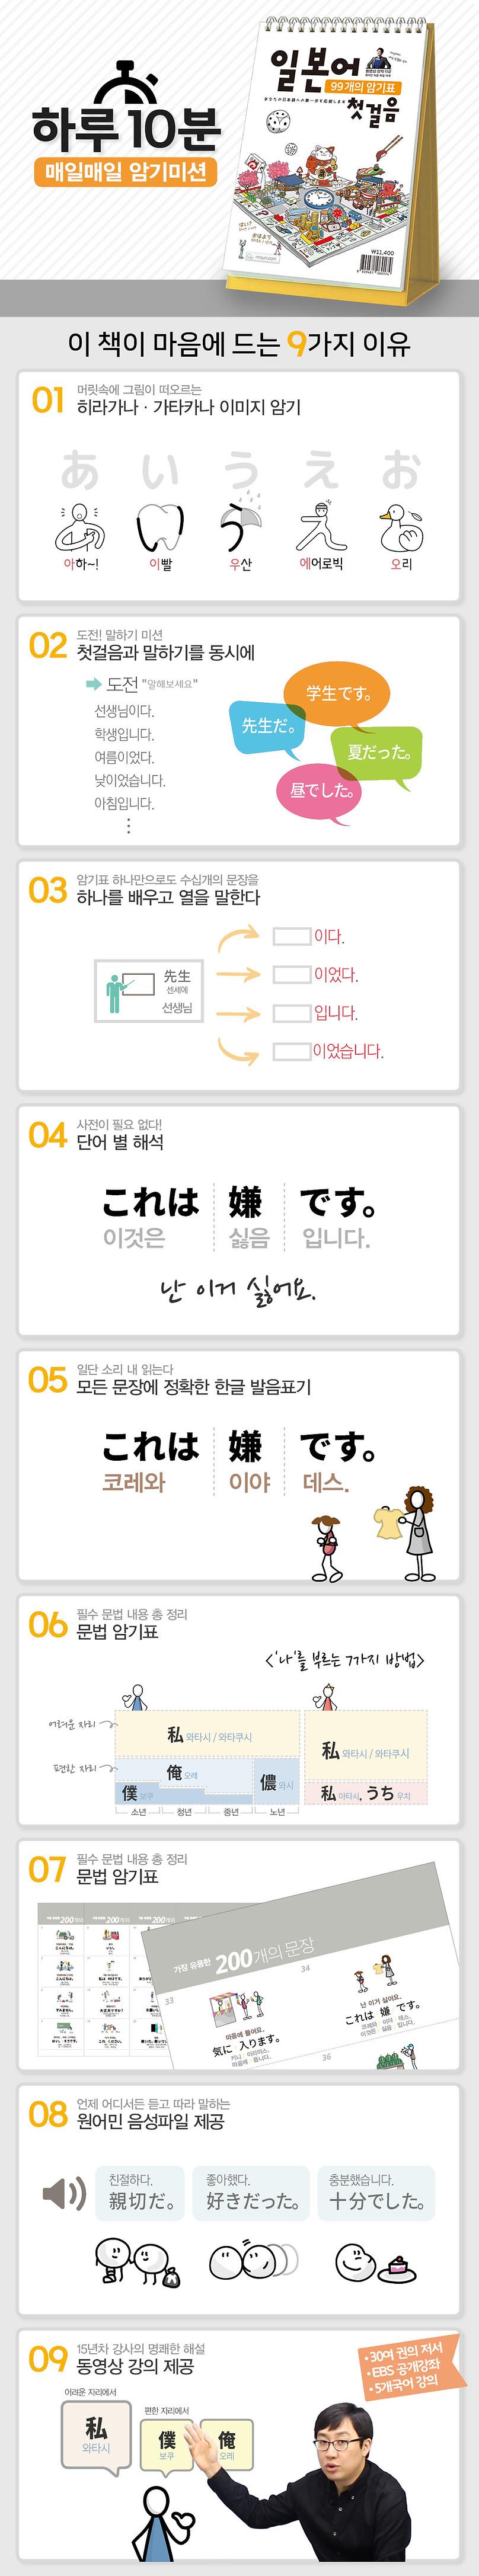 일본어첫걸음99개의암기표_상세페이지_사이즈수정_181226.jpg